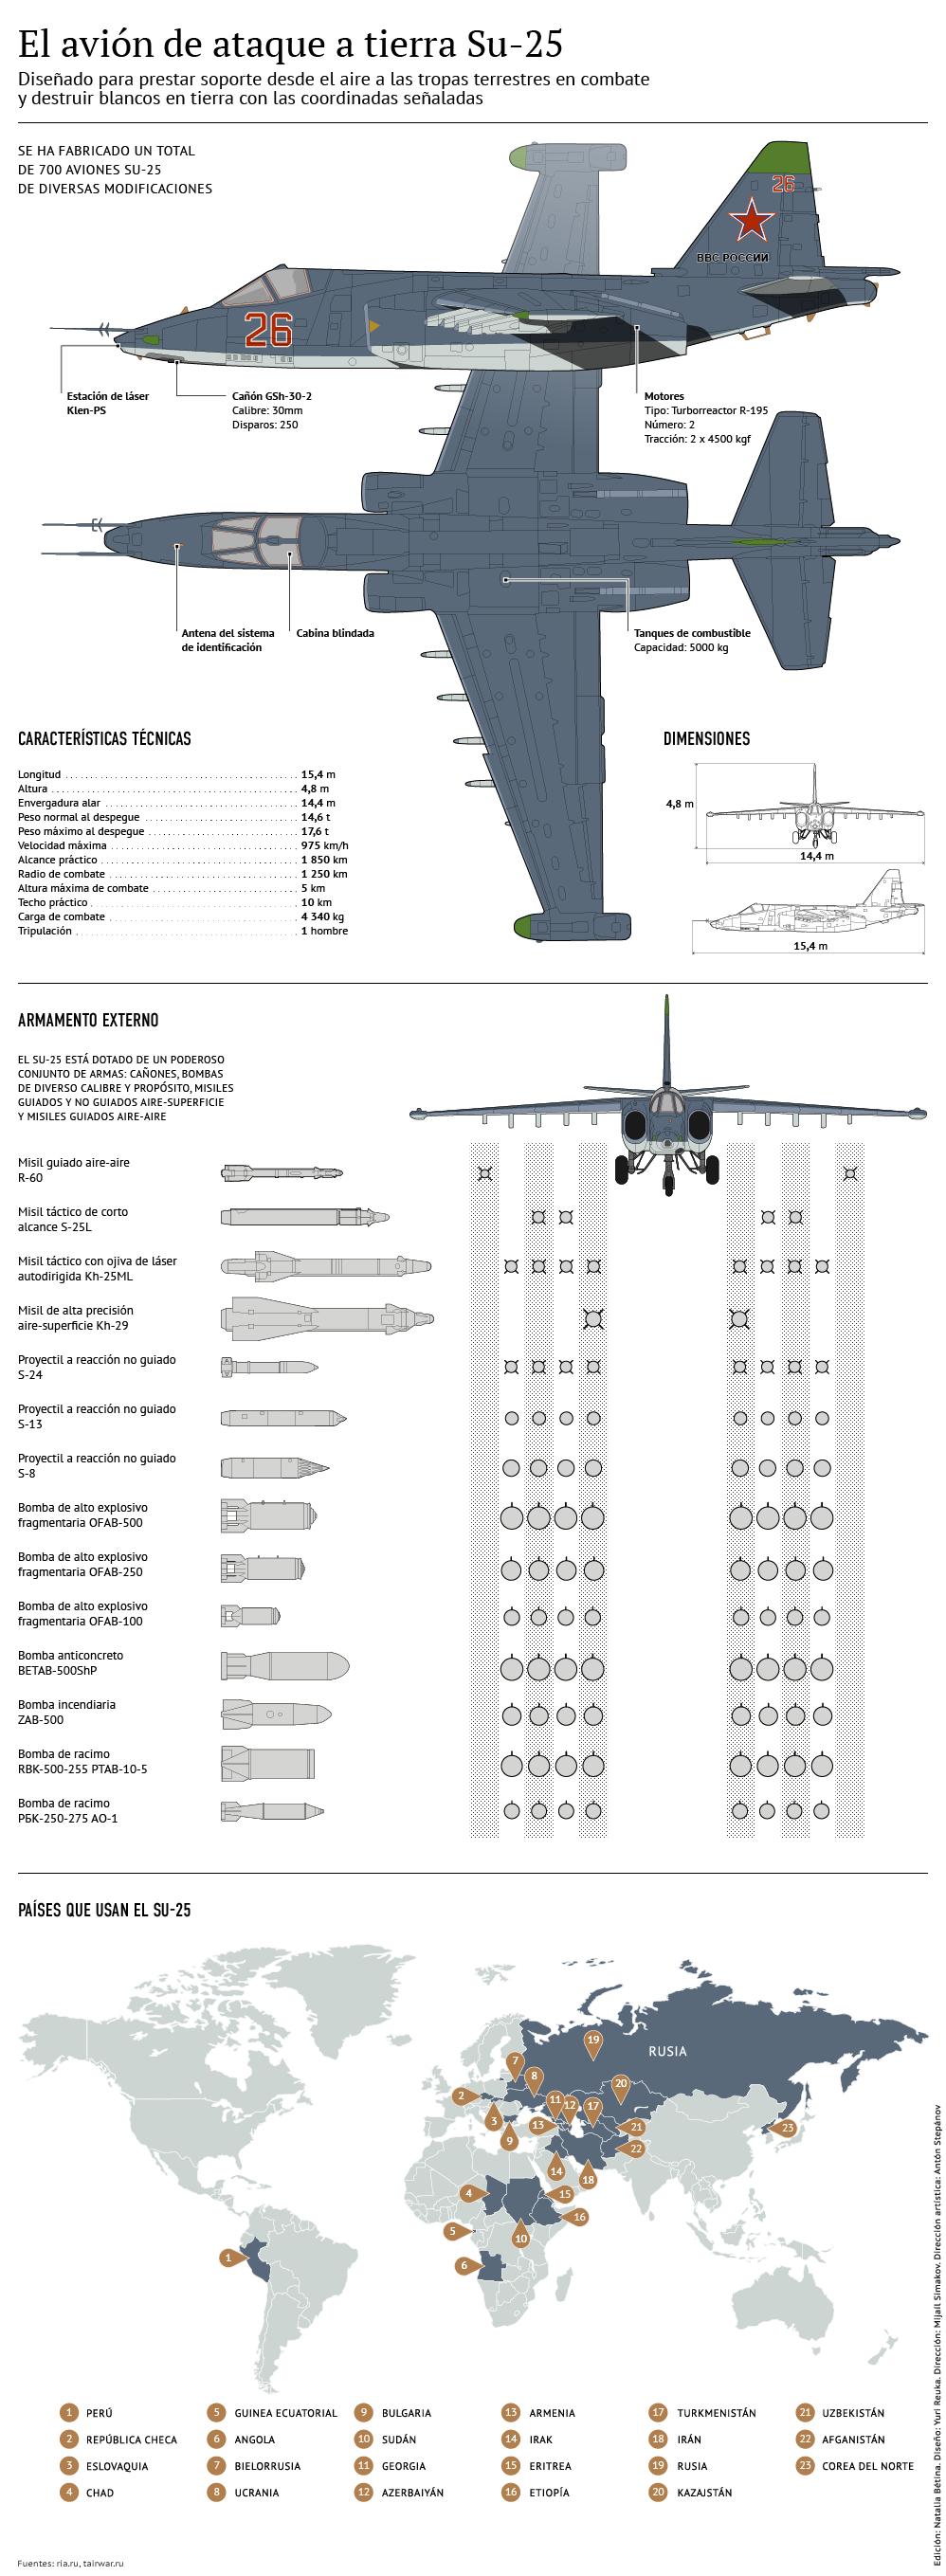 Avión de ataque a tierra Su-25